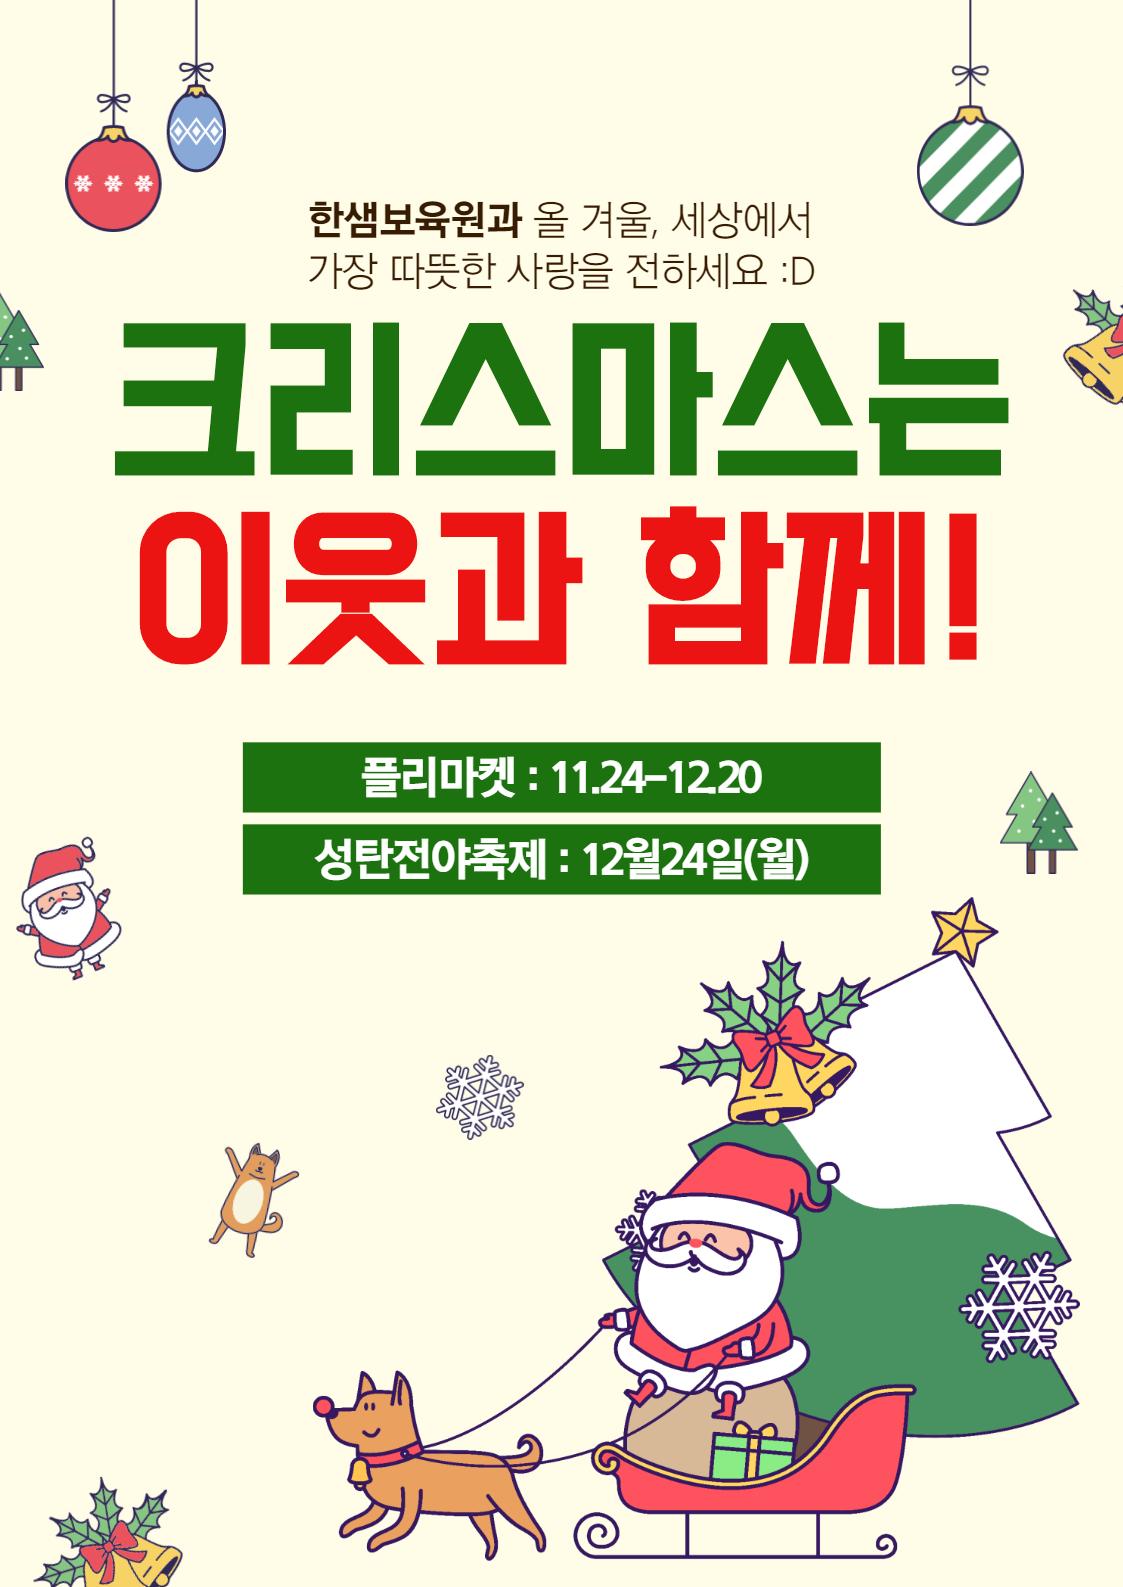 크리스마스 플리마켓 행사 포스터 디자인 포스터 디자인 행사 포스터 전단지 템플릿